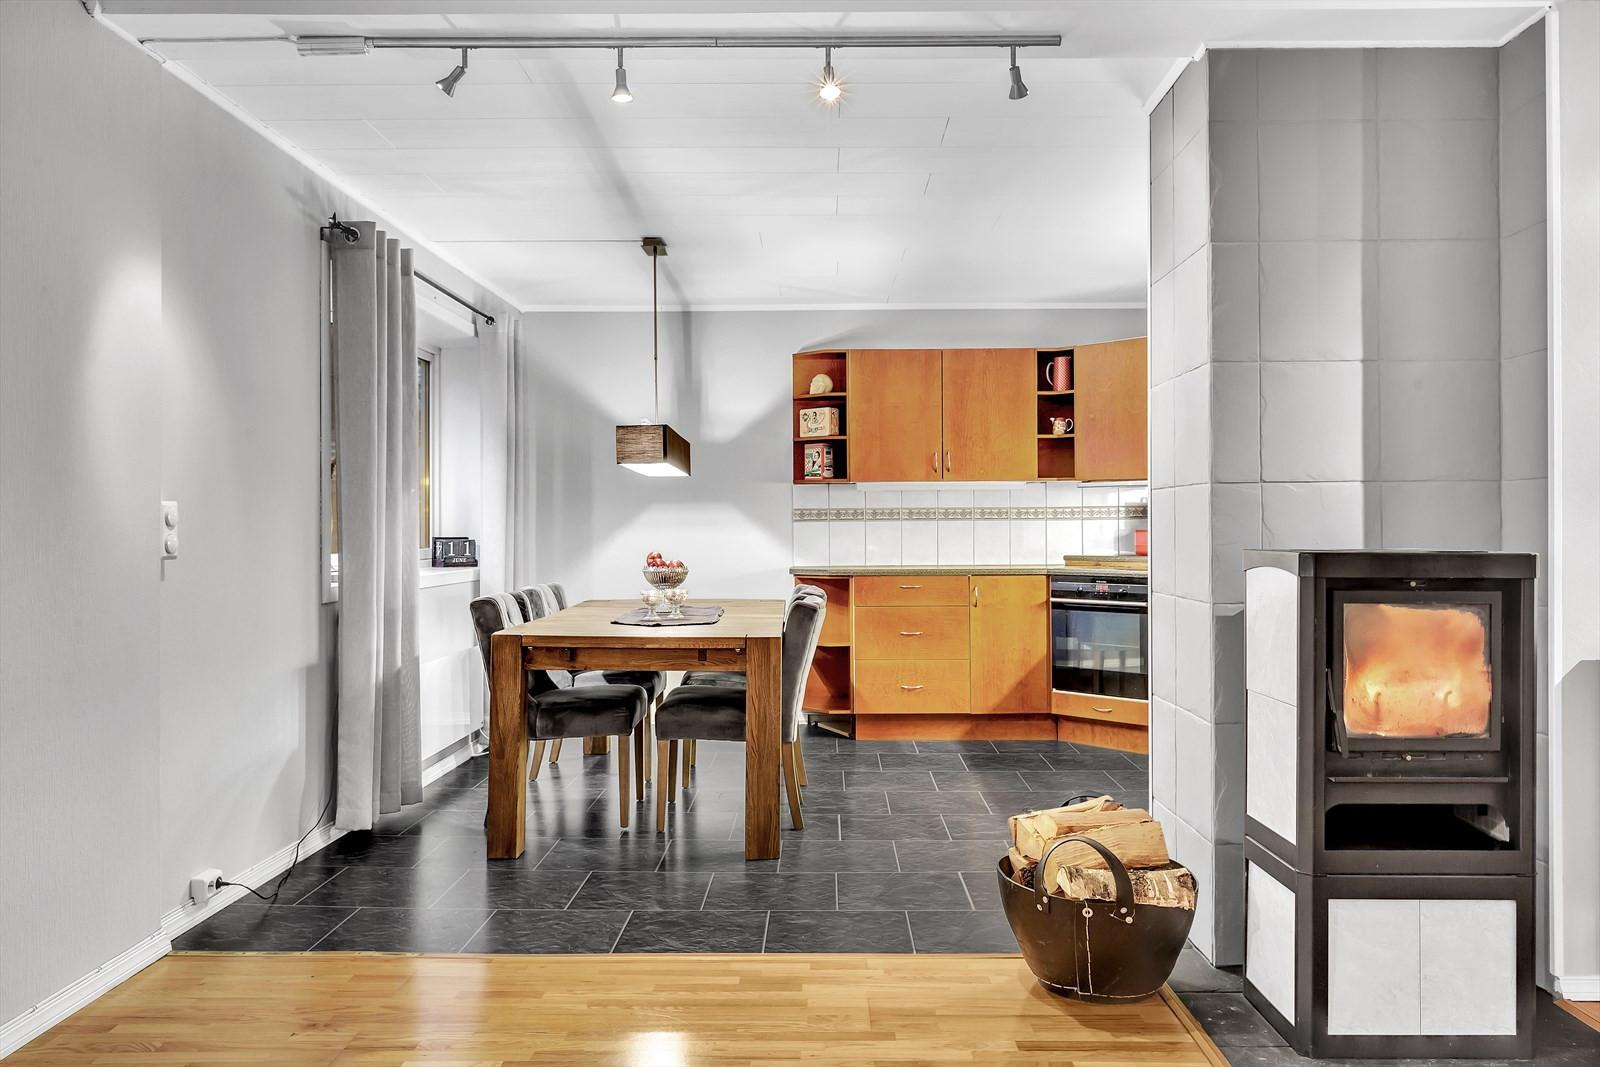 Delvis åpen løsning mellom stue og kjøkken. Effektiv og koselig vedovn skaper den rette hyggen